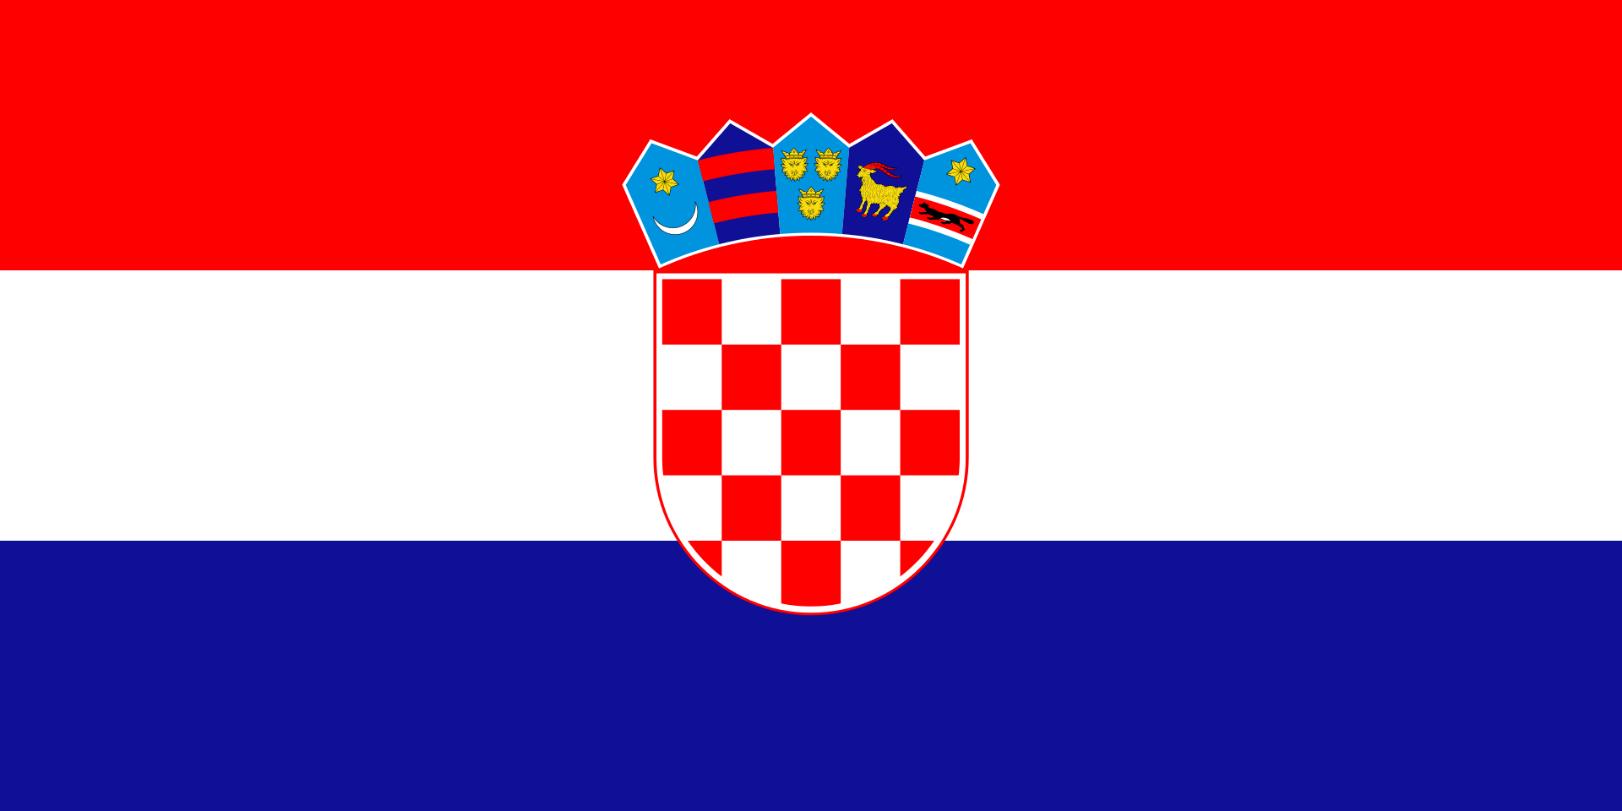 Flagge im Querformat Land Kroatien 150x100 cm